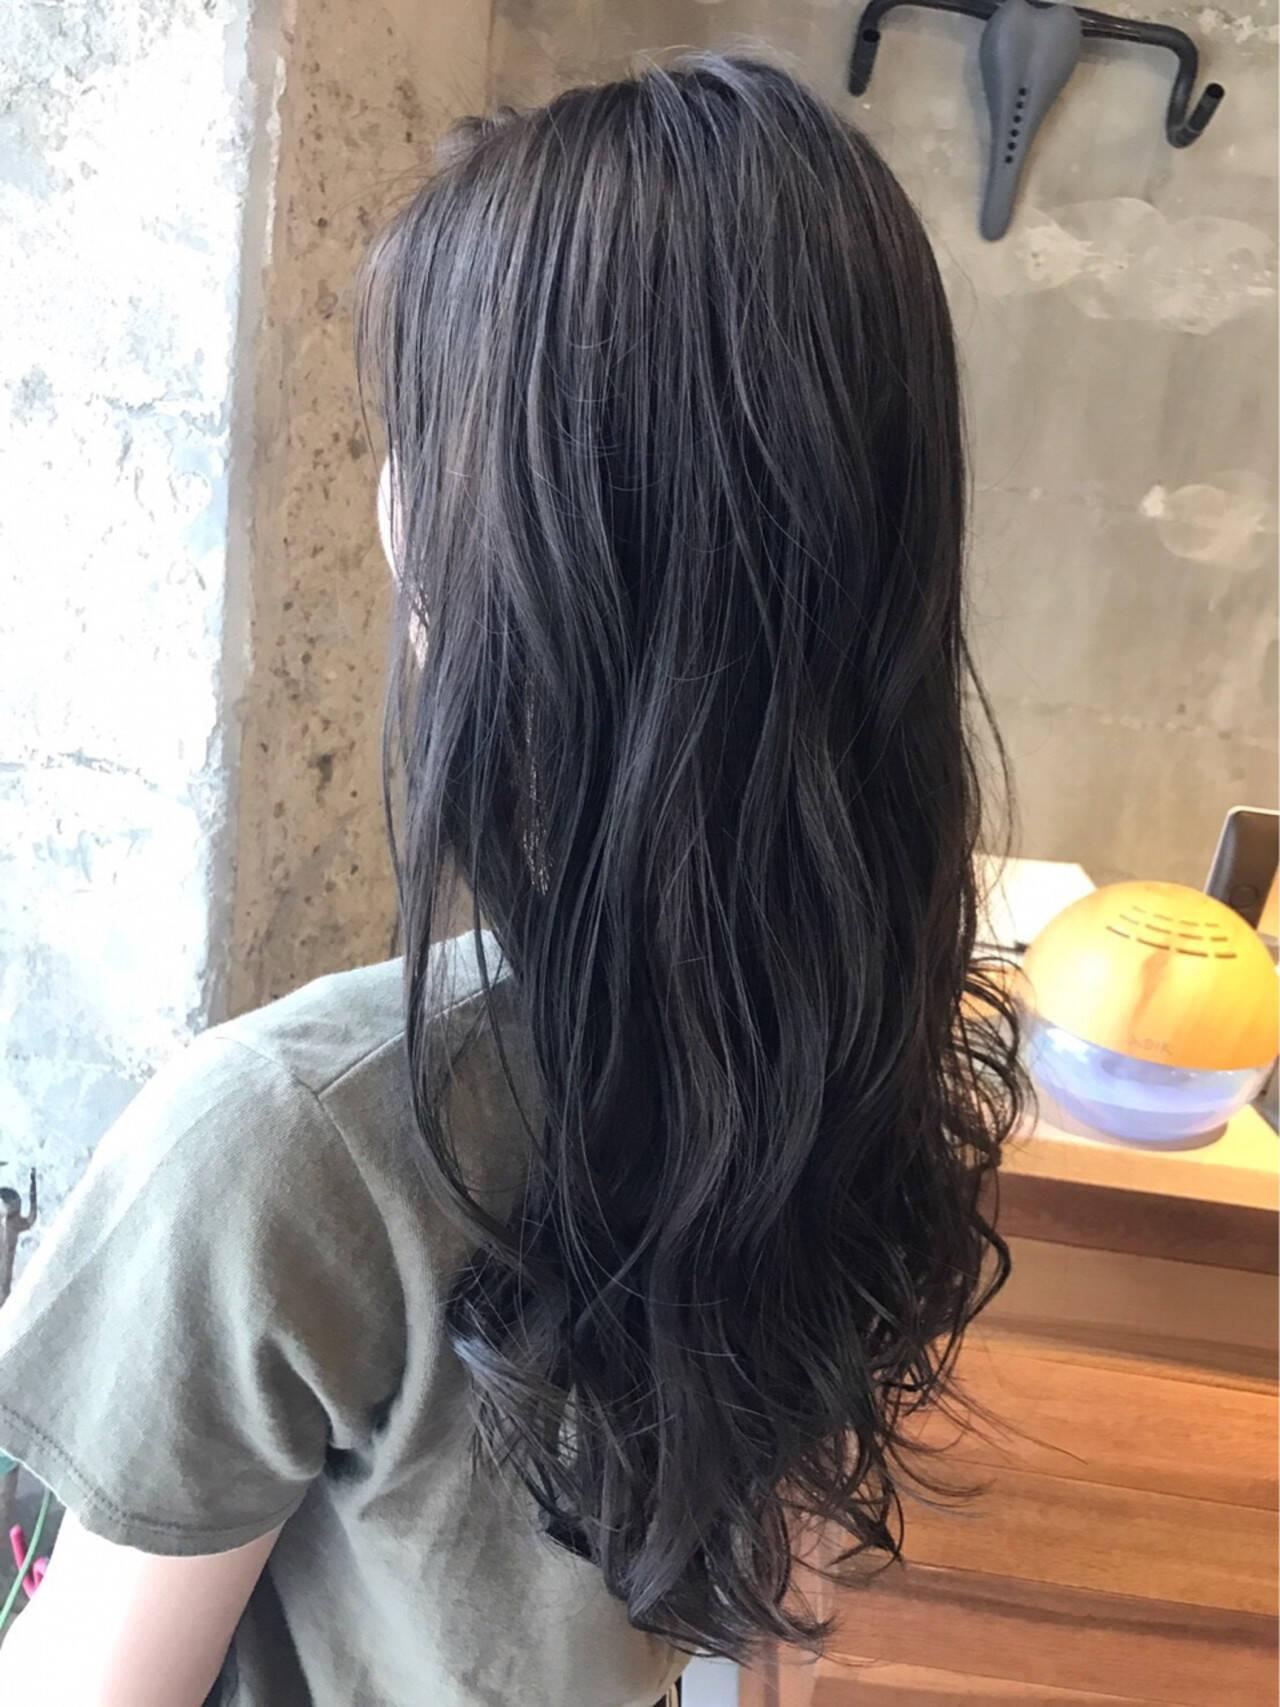 アッシュ ナチュラル 外国人風カラー ウェーブヘアスタイルや髪型の写真・画像